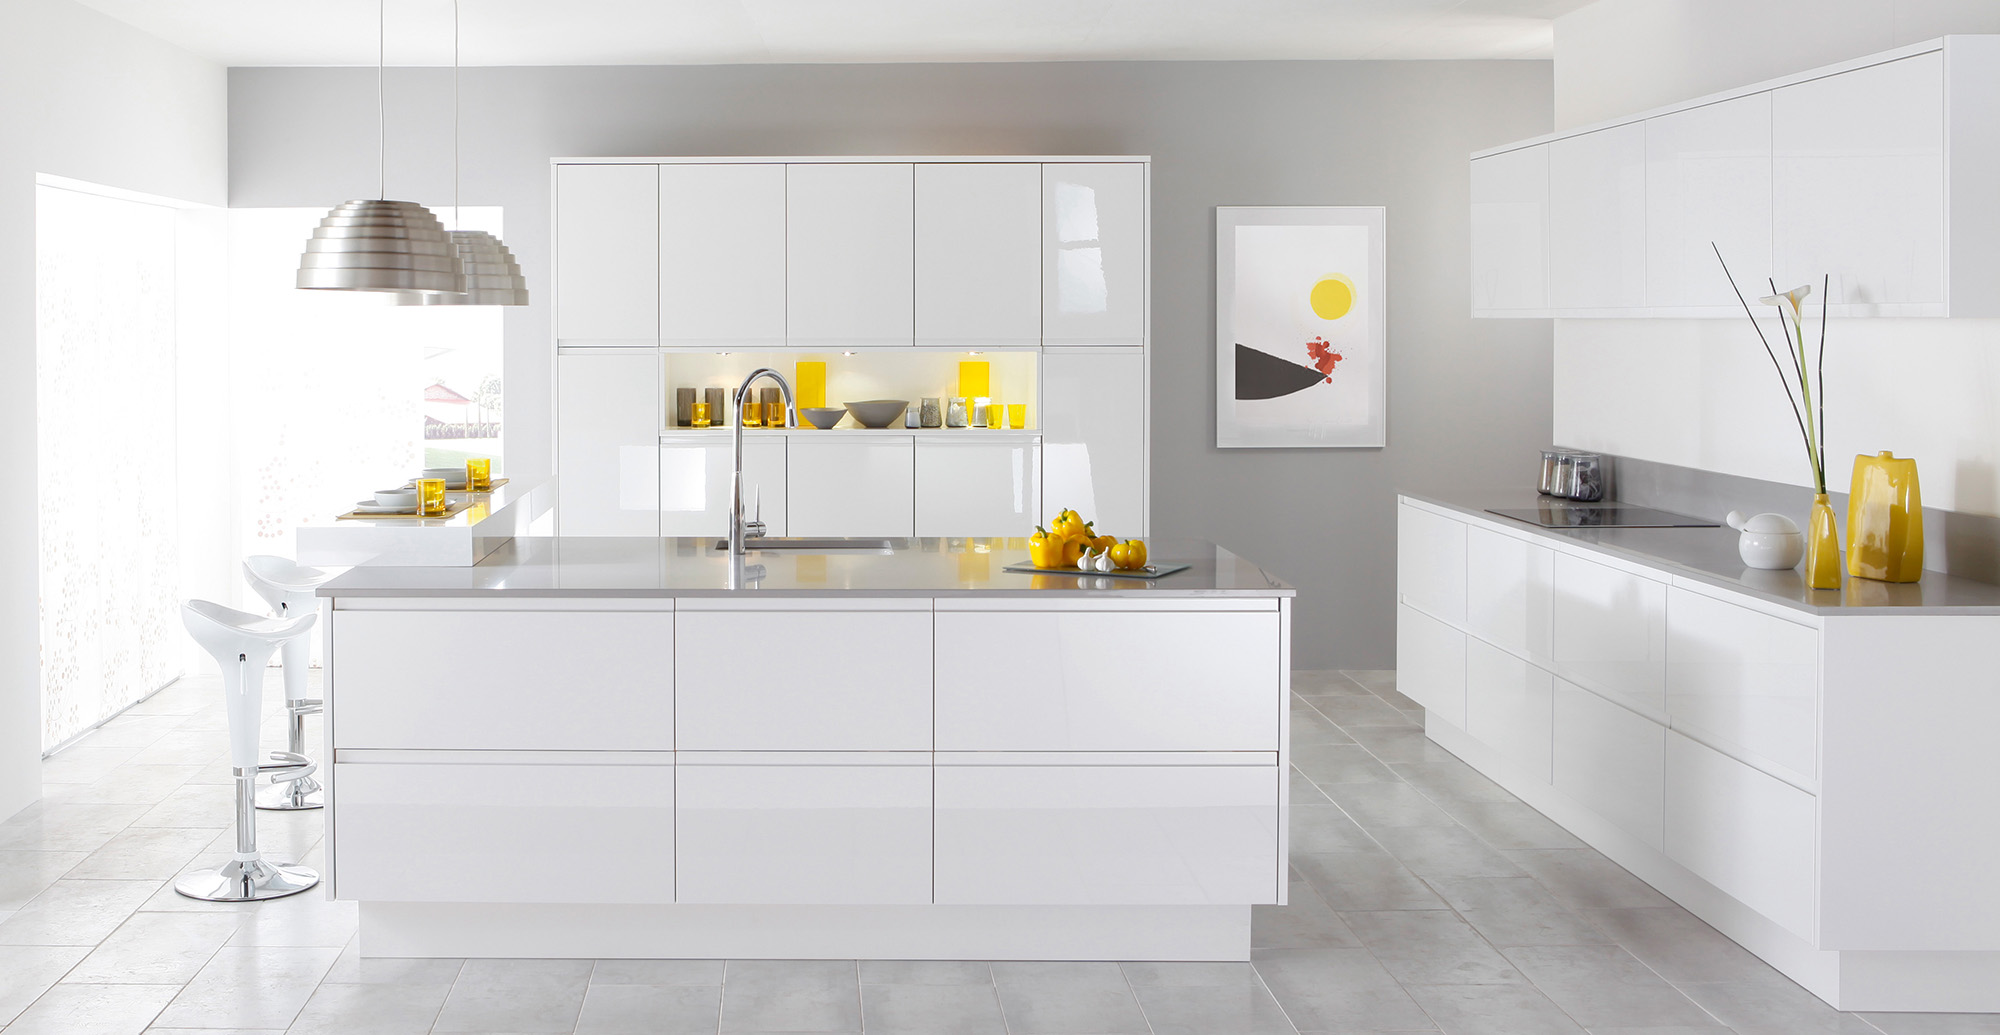 Скандинавская кухня в стиле минимализм и желтыми акцентами